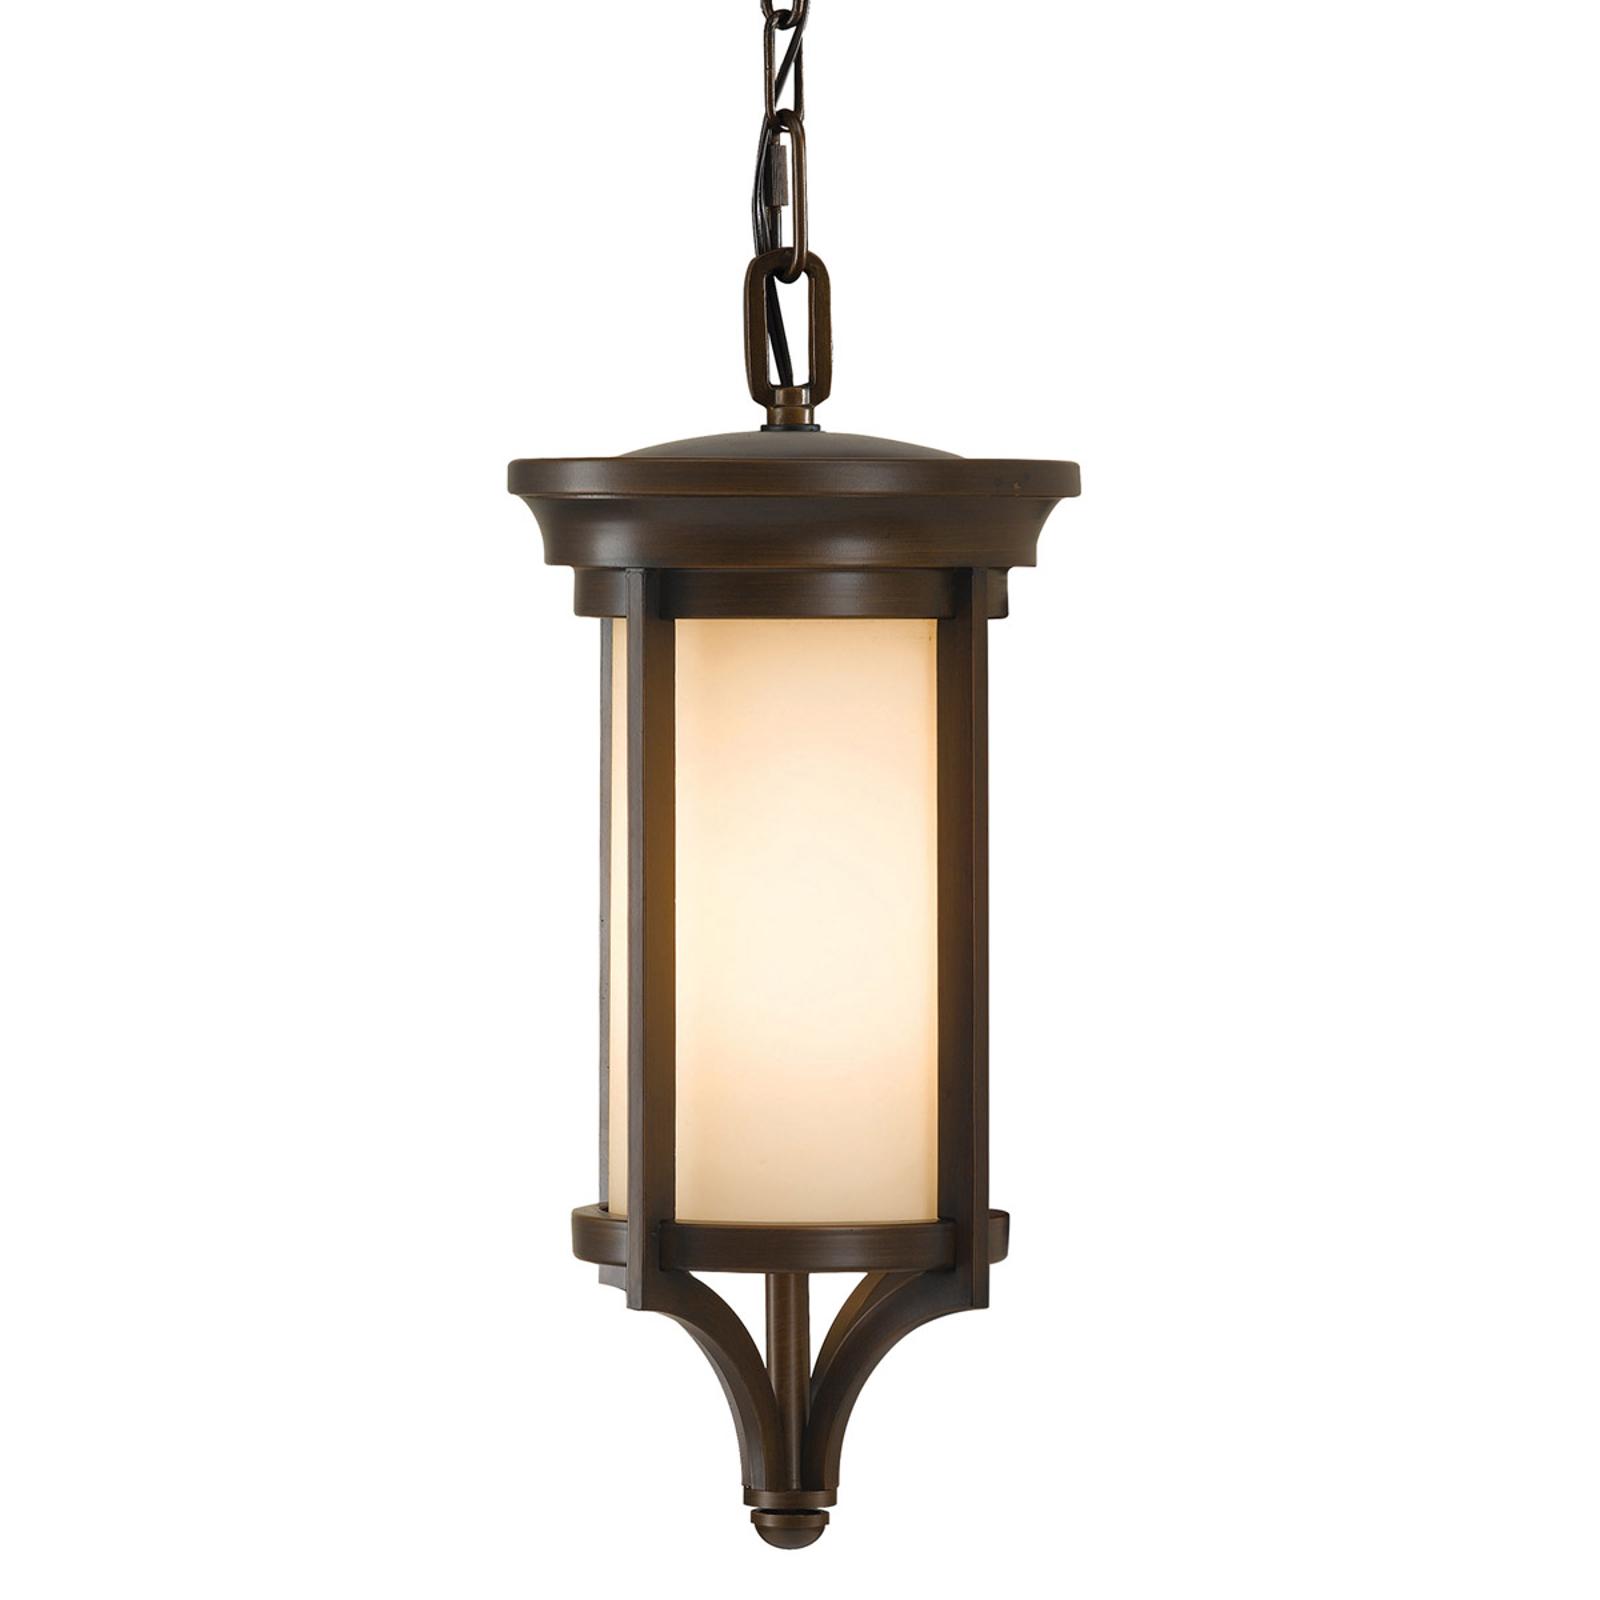 Hanglamp Merrill voor buiten in brons